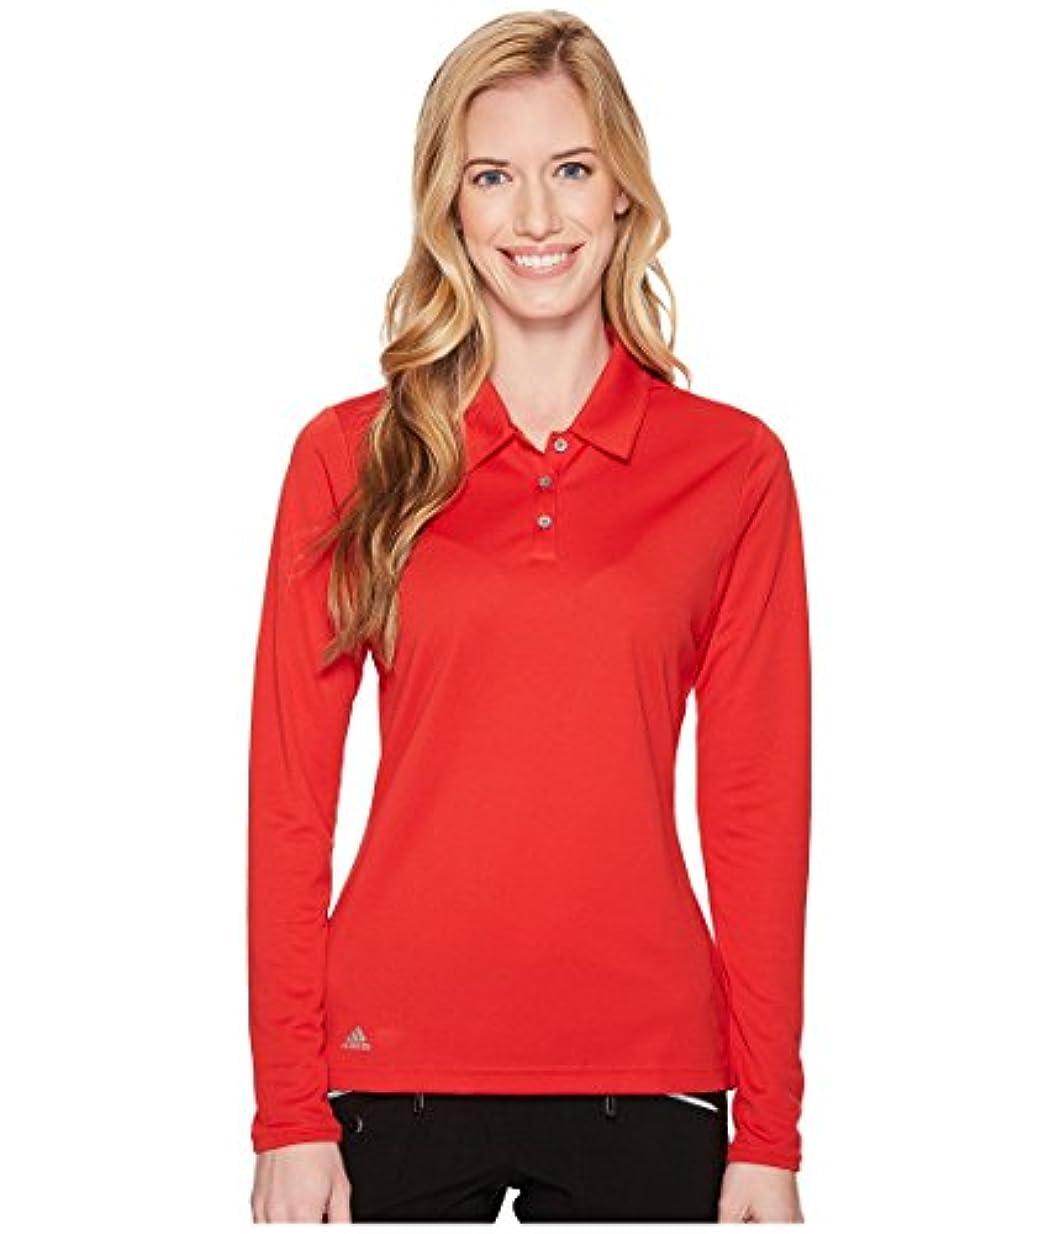 生態学ボトル裏切り者(アディダス) adidas レディースタンクトップ?Tシャツ Performance Long Sleeve Polo Collegiate Red L